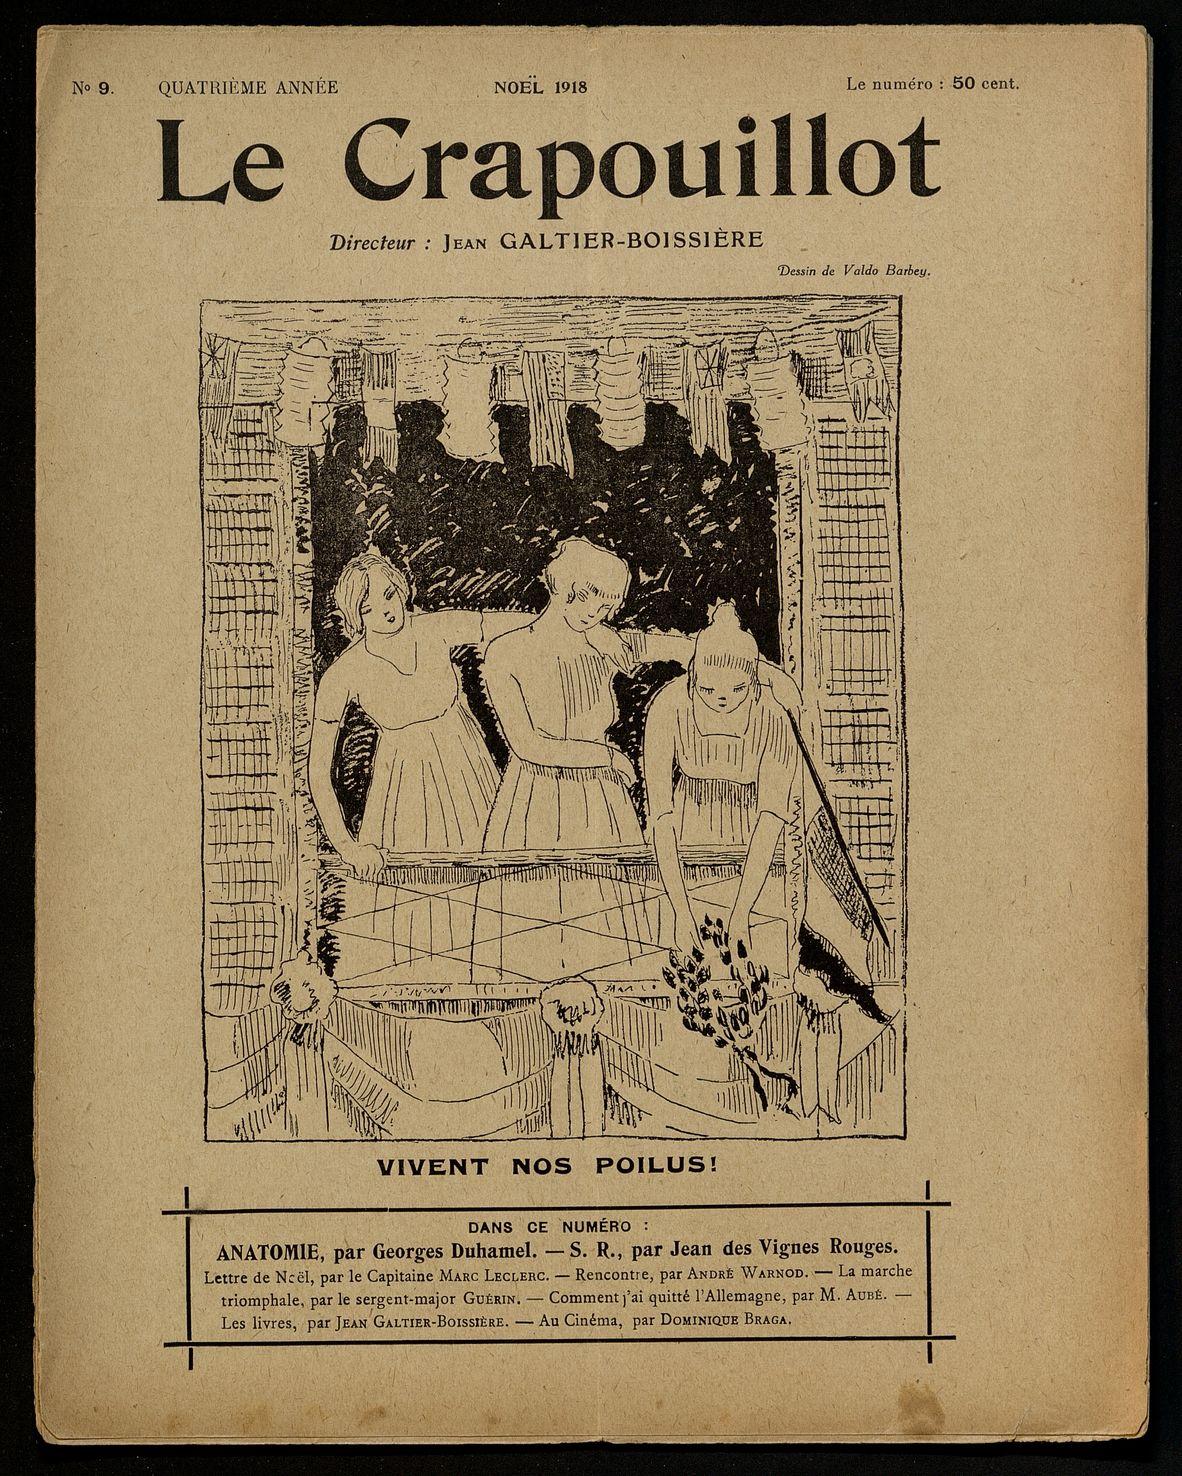 LE CRAPOUILLOT. ANATOMIE PAR GEORGES DUHAMEL